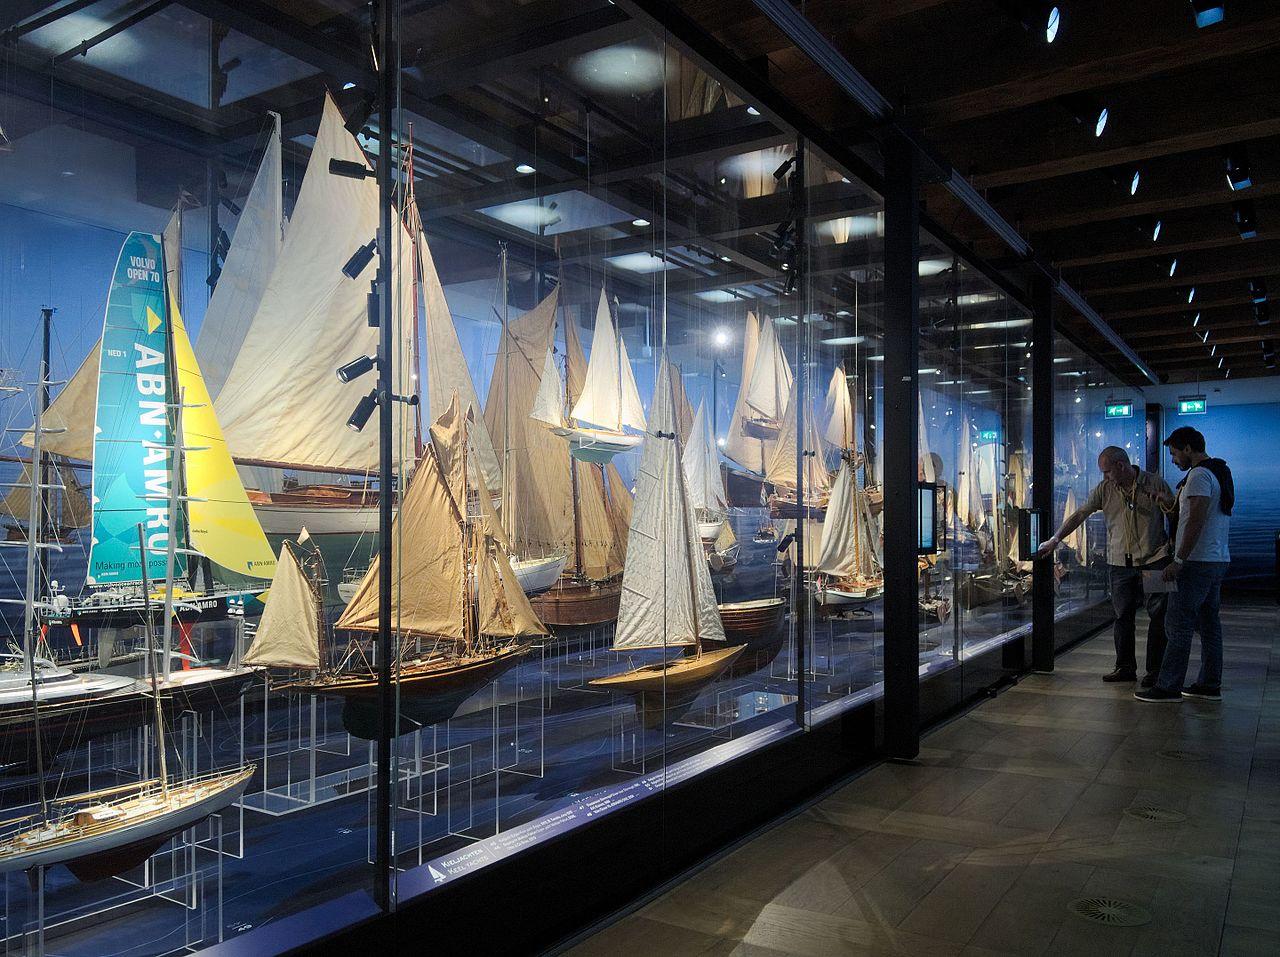 Музей судоходства в Амстердаме, модели яхт